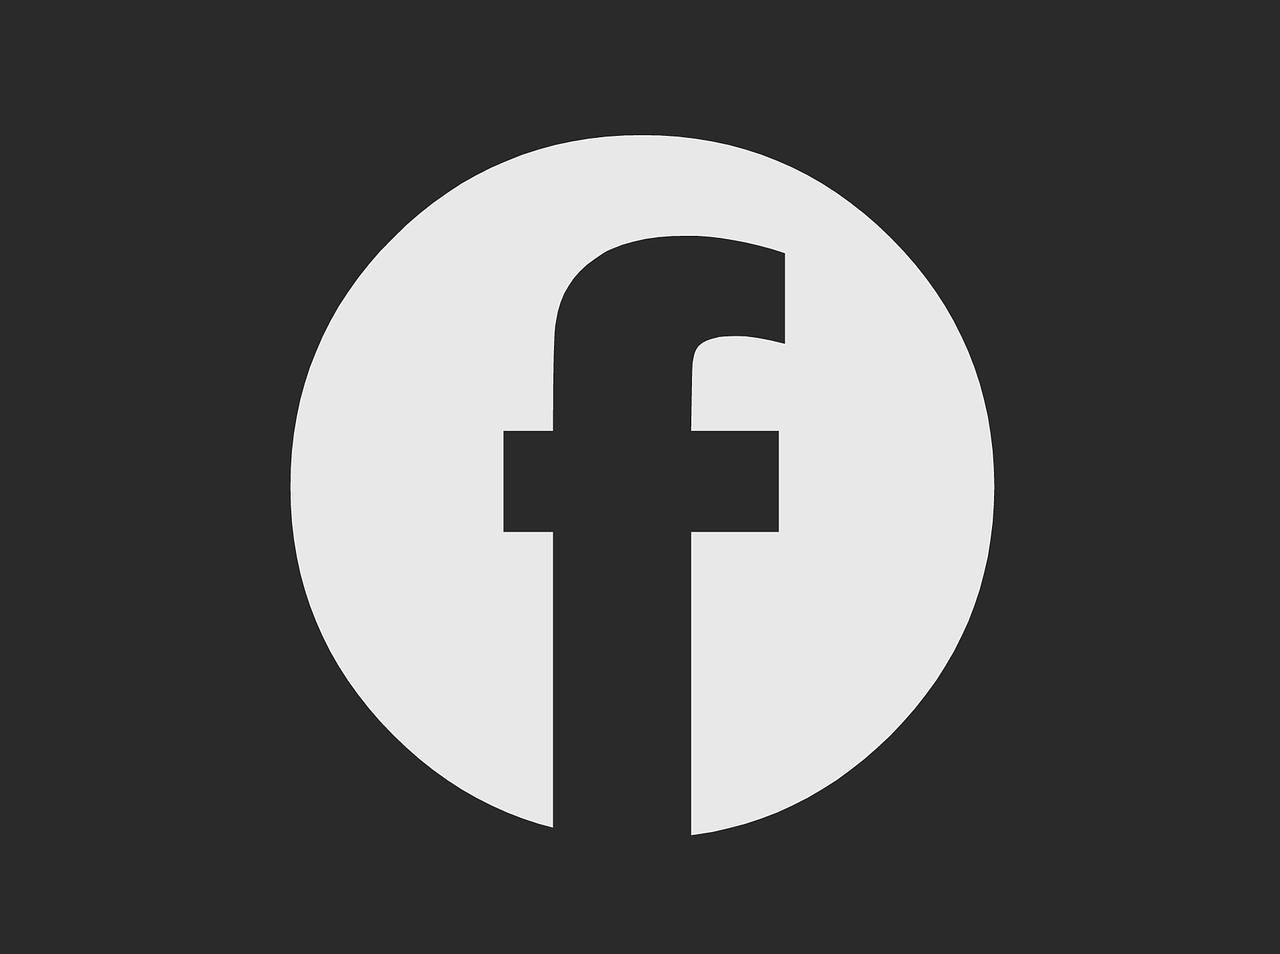 Ciemny motyw mobilnego Facebooka - pierwsi użytkownicy już go mają! 19